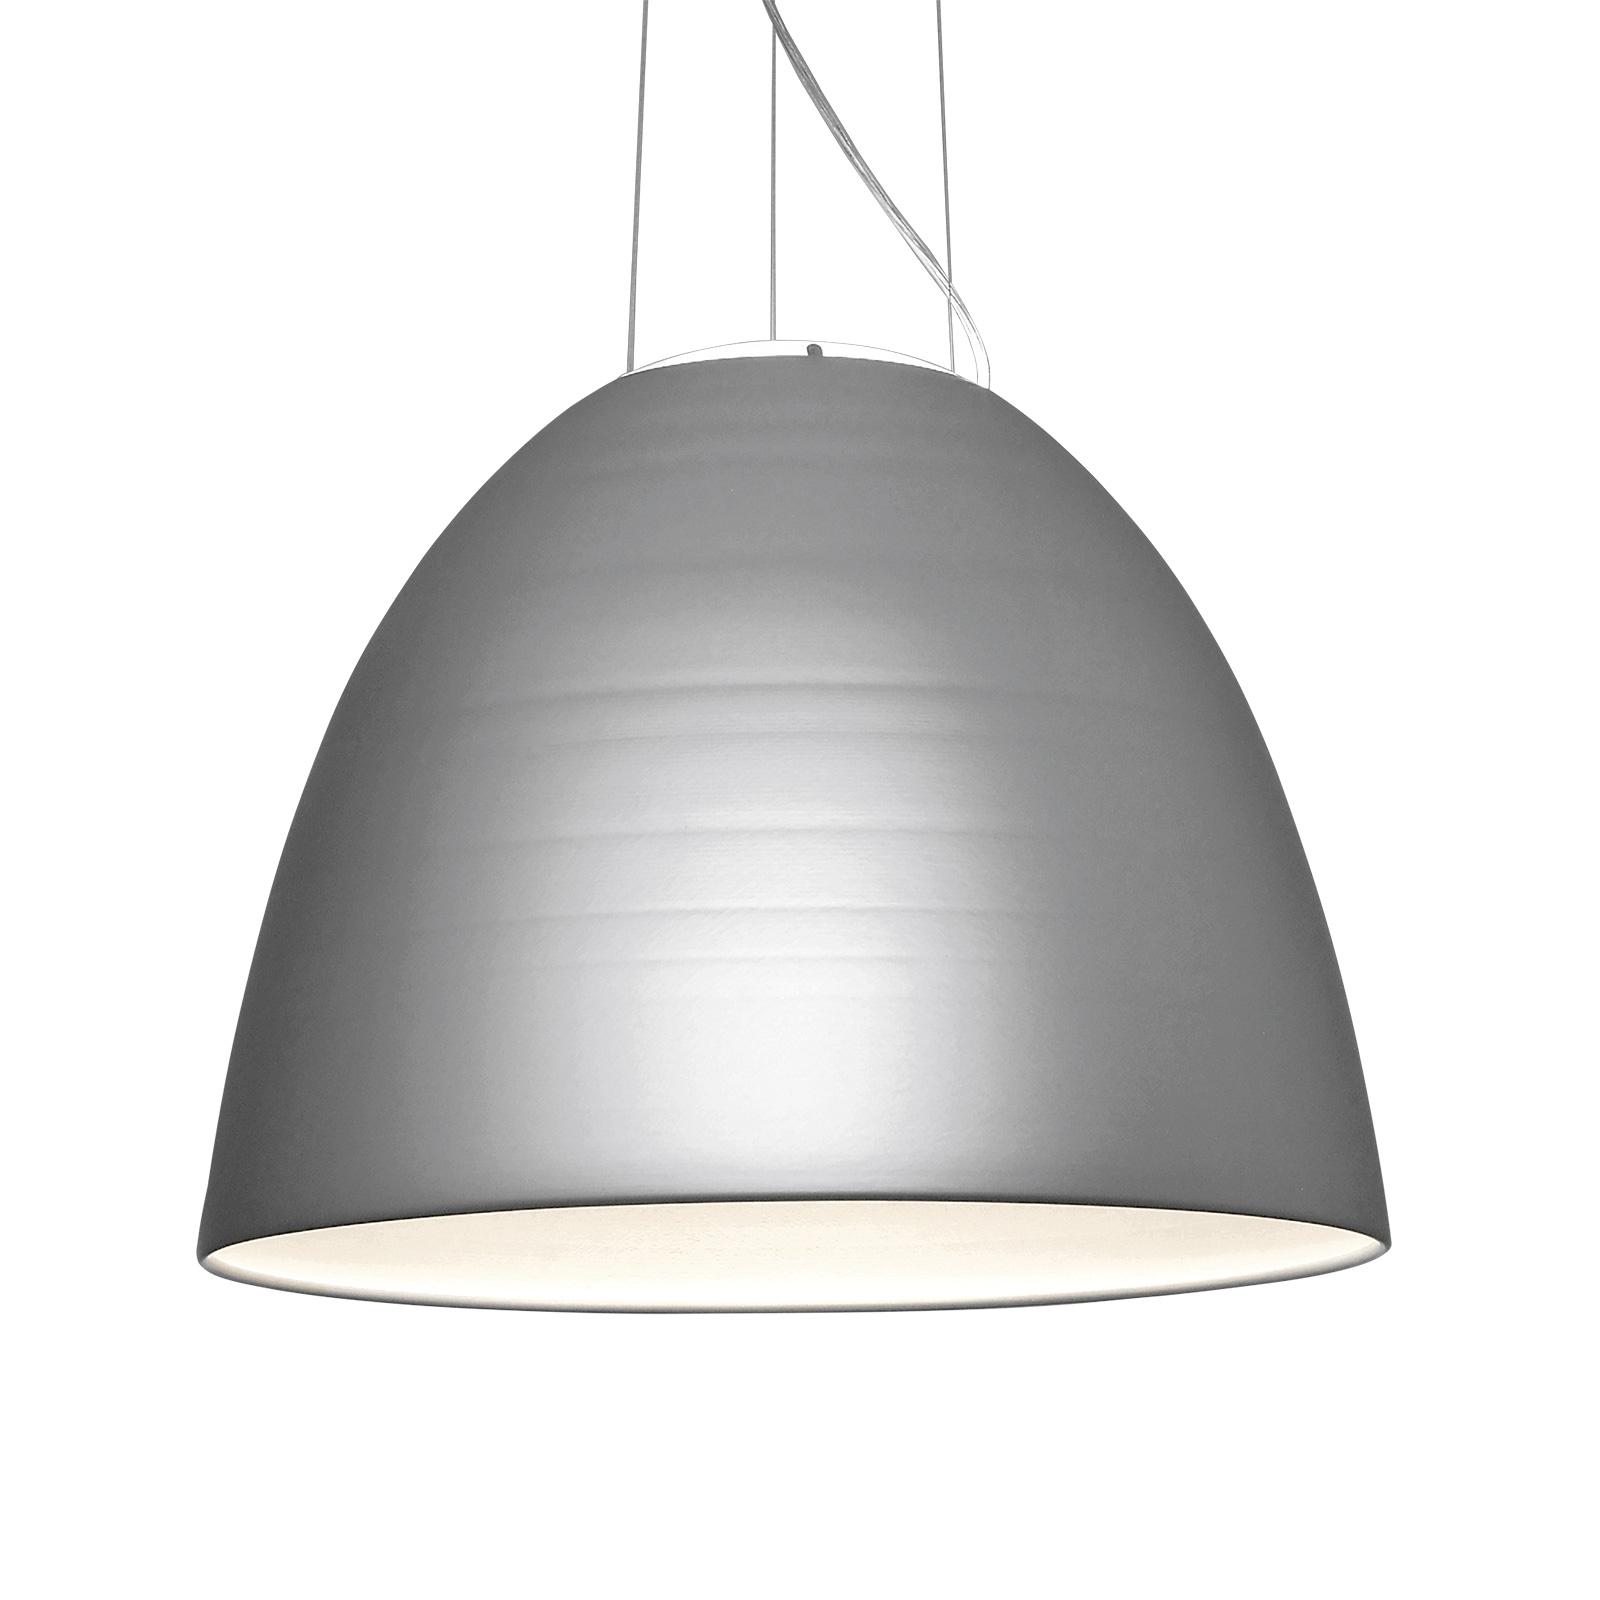 Artemide Nur 1618 LED-hengelampe metallgrå